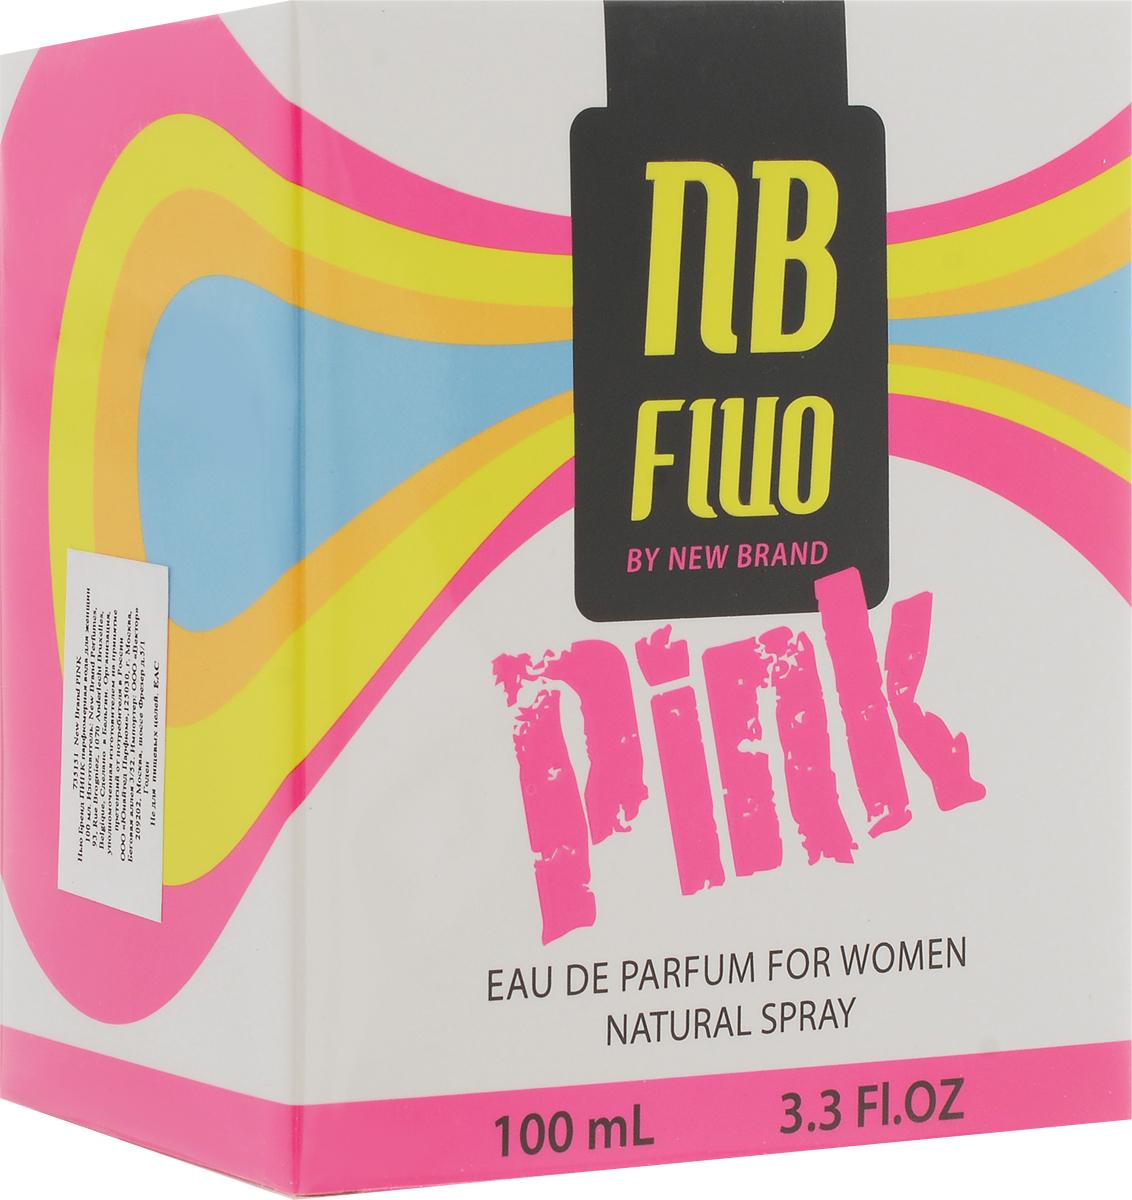 New Brand Perfumes Парфюмерная вода для женщин Pink, 100 мл5425017735151BY NEW BRAND PINK - очень привлекательный, непрозрачный, яркий, необычный своей округлой формой, а также завораживающим розовым теплым цветом, флакончик просто не захочется выпустить из рук его обладательнице. Он, как и его аромат - освежает летом и согревает зимой. Это великолепный подарок в любое время года для любой девушки и женщины, делая ее неотразимой и еще более привлекательной, для вас без усилий откроются все двери и свершения.Краткий гид по парфюмерии: виды, ноты, ароматы, советы по выбору. Статья OZON Гид